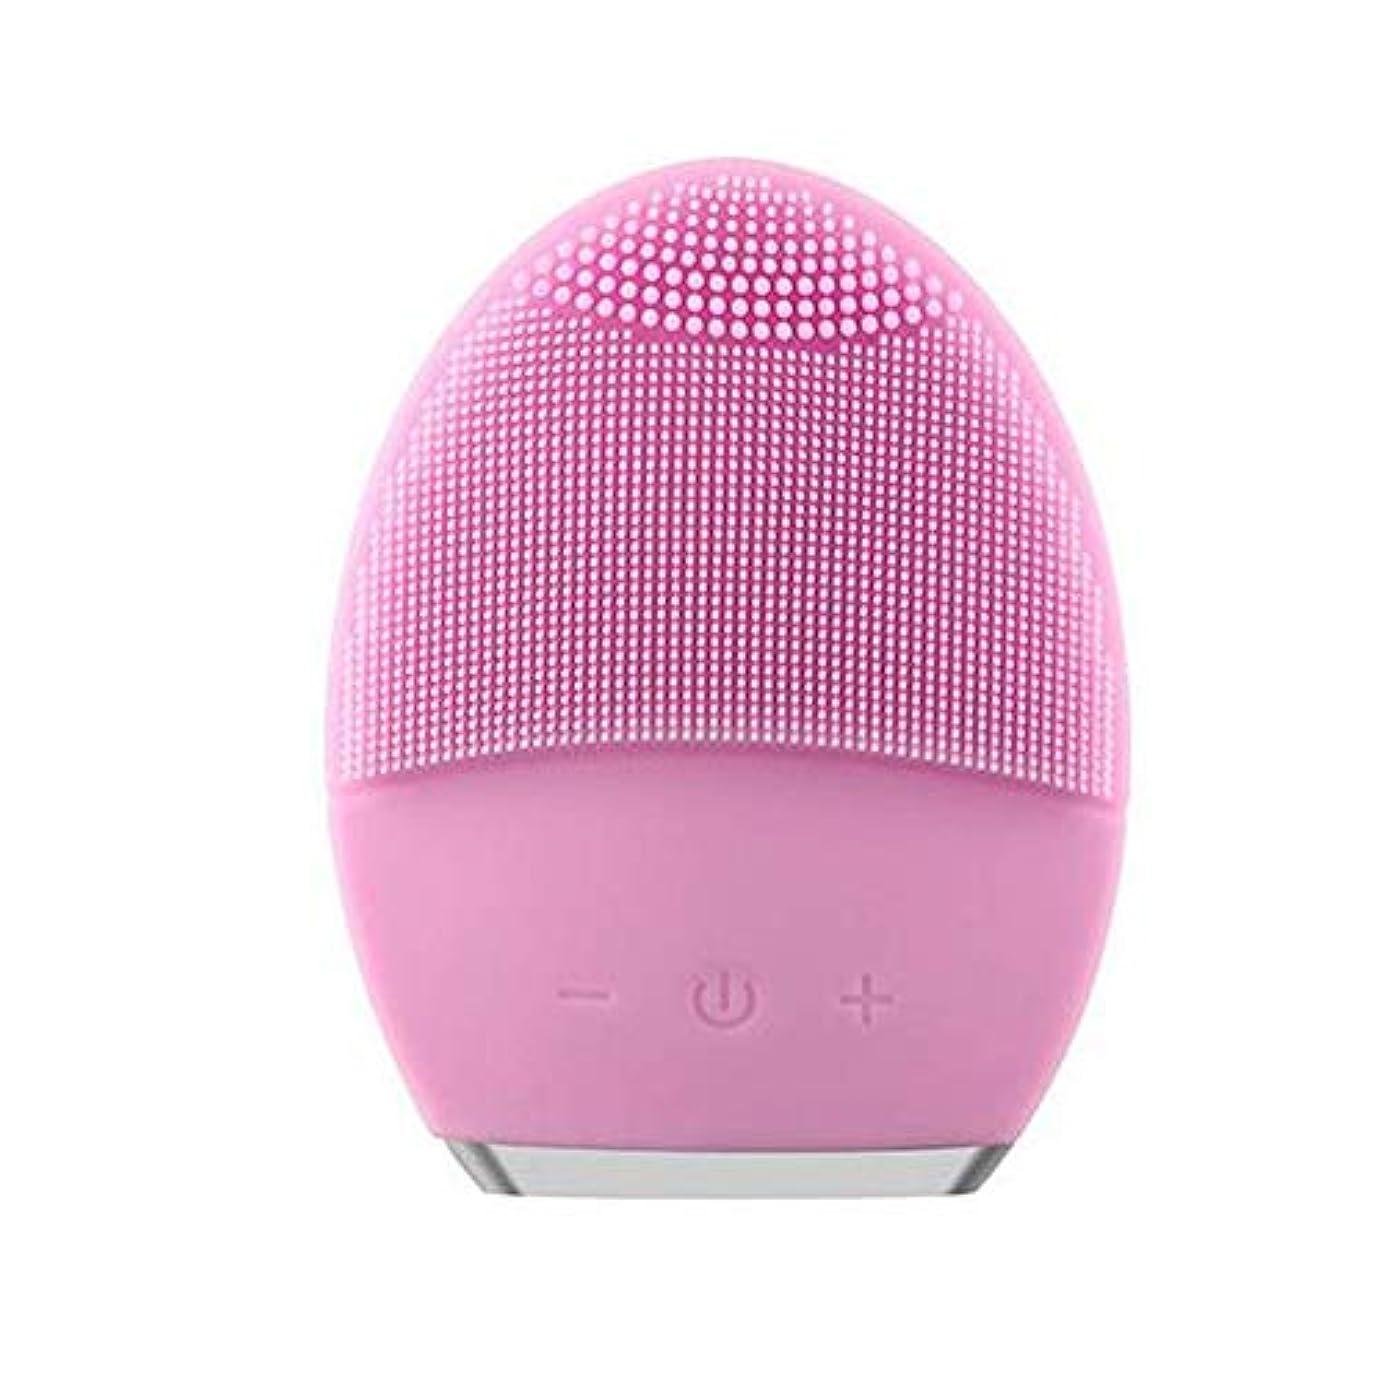 定義実用的いじめっ子JMY ブラシを洗うクレンジング器、ソニックシリコーン電気、防水女性の十代の少女メイクアップフェイスウォッシュ(ピンク)